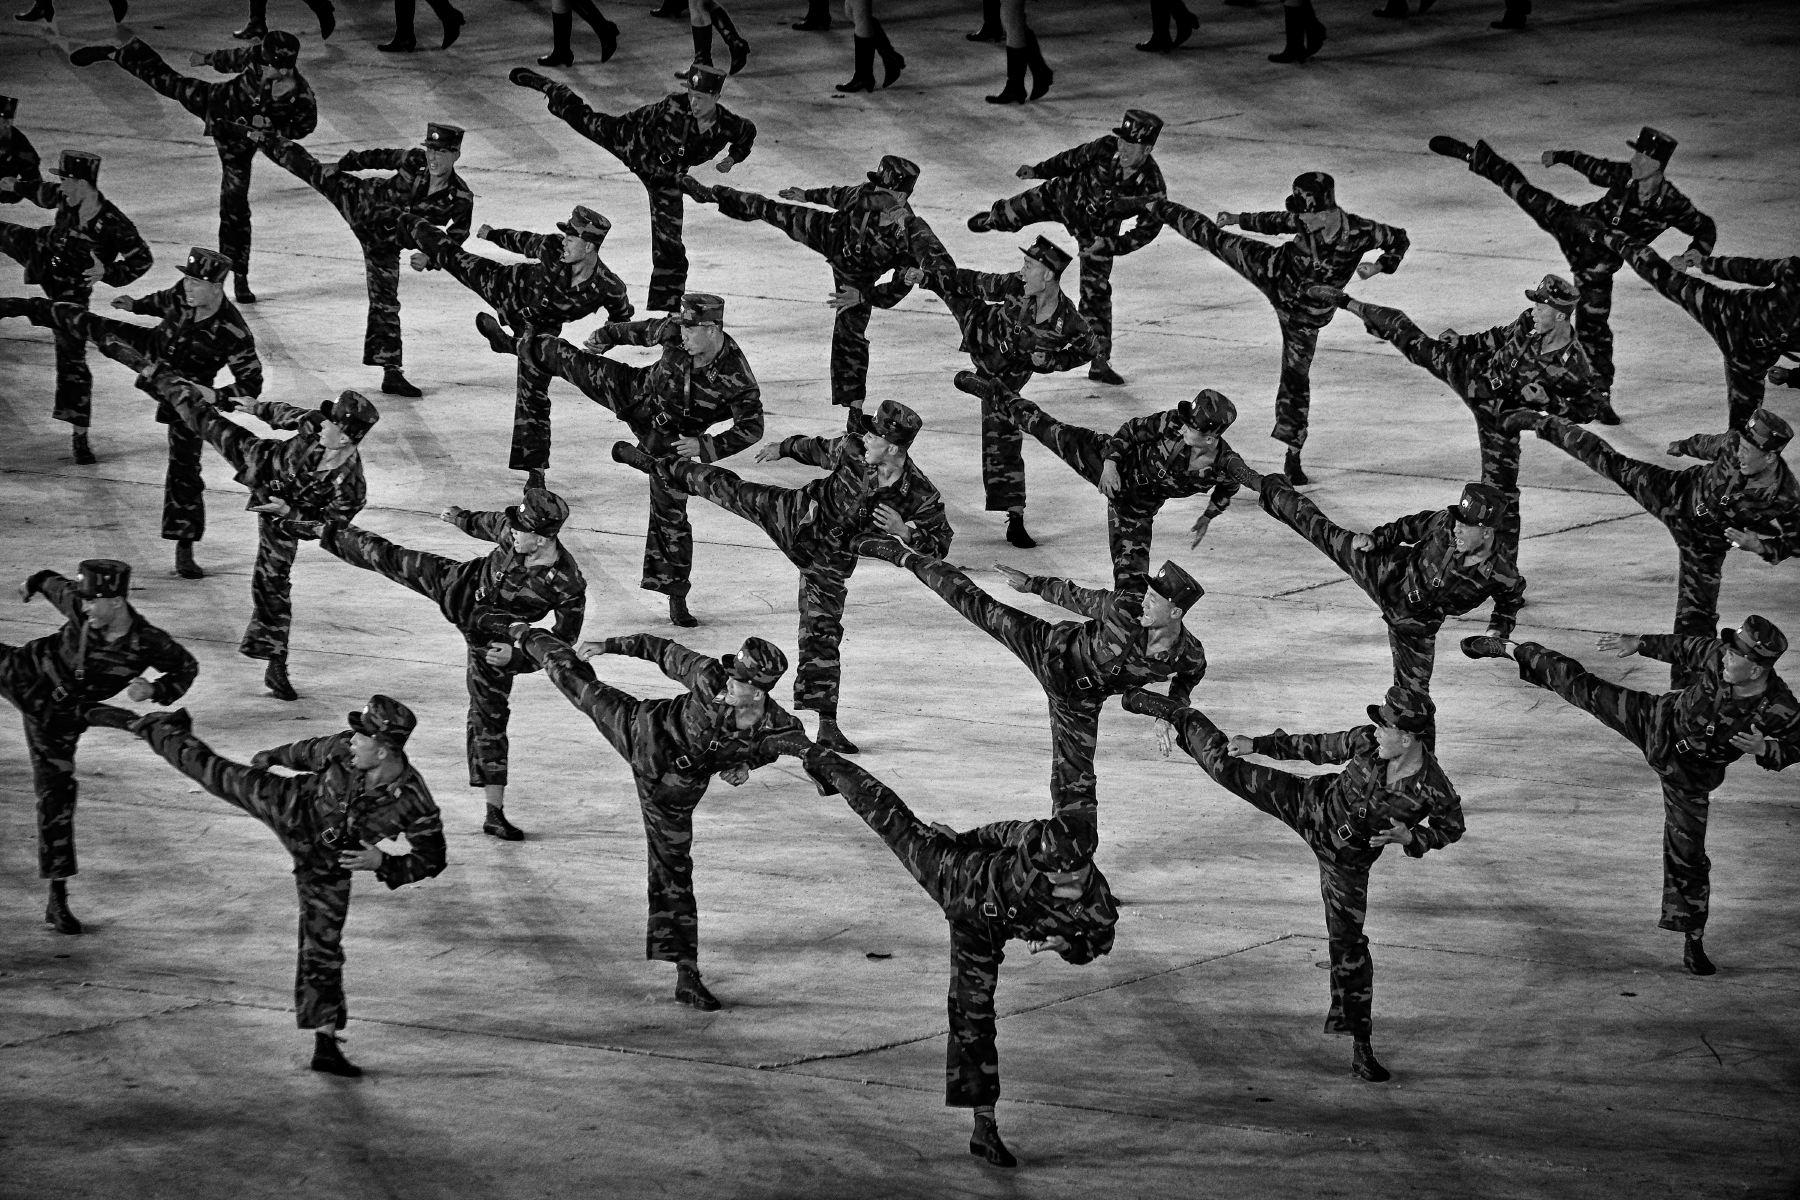 Alain_Schroeder_Taekwondo _North_Korea_Style_05.JPG